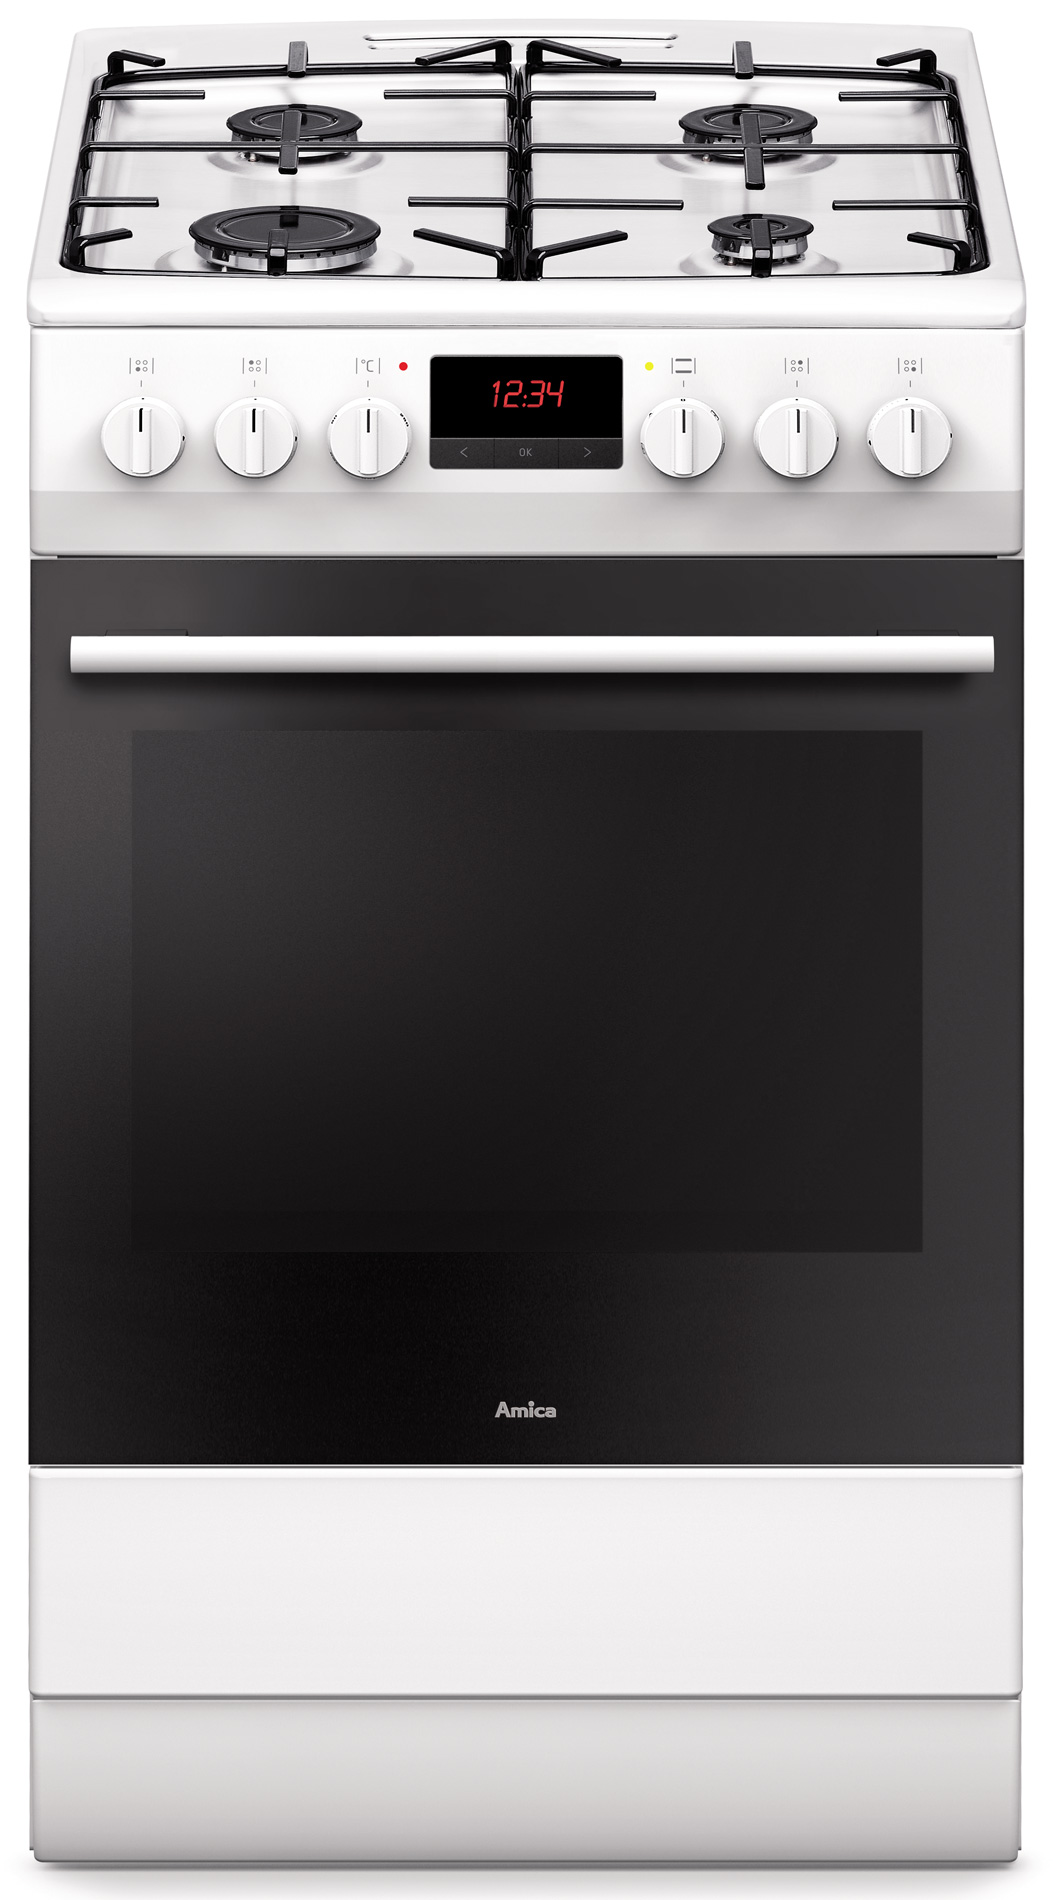 Kuchnia wolnostojąca gazowo elektryczna 510GED3 33ZpTaFQ(W)  Amica -> Kuchnie Elektryczne Wolnostojące Indukcyjne